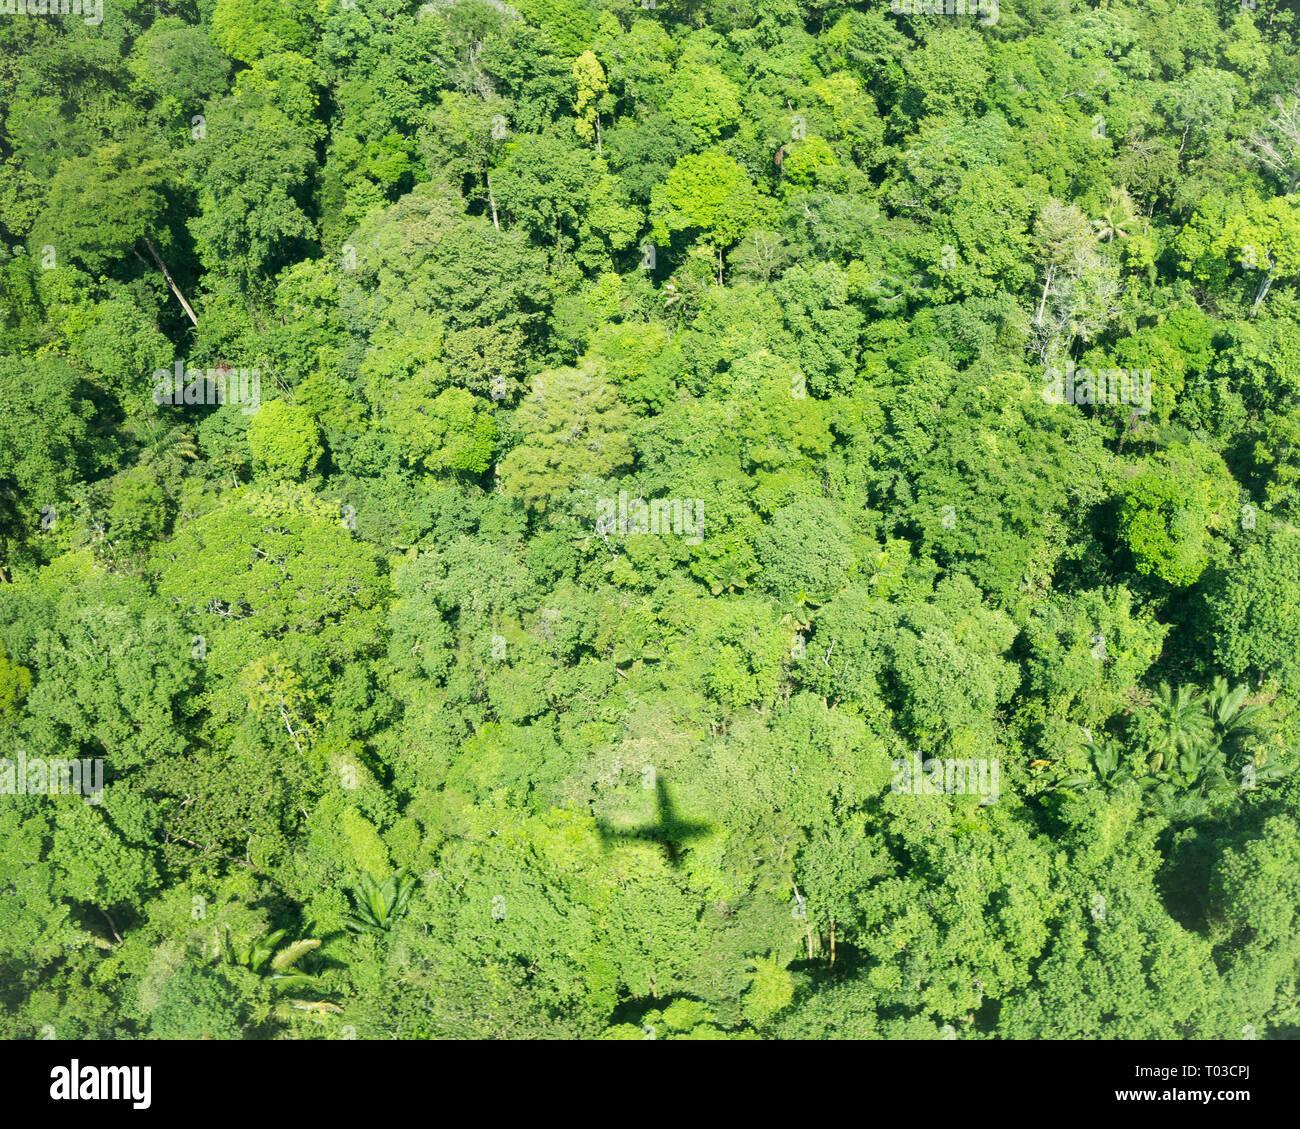 Costa Rica rainforest selva de avión, Península de Osa, cerca de Bahía Drake. Imagen De Stock